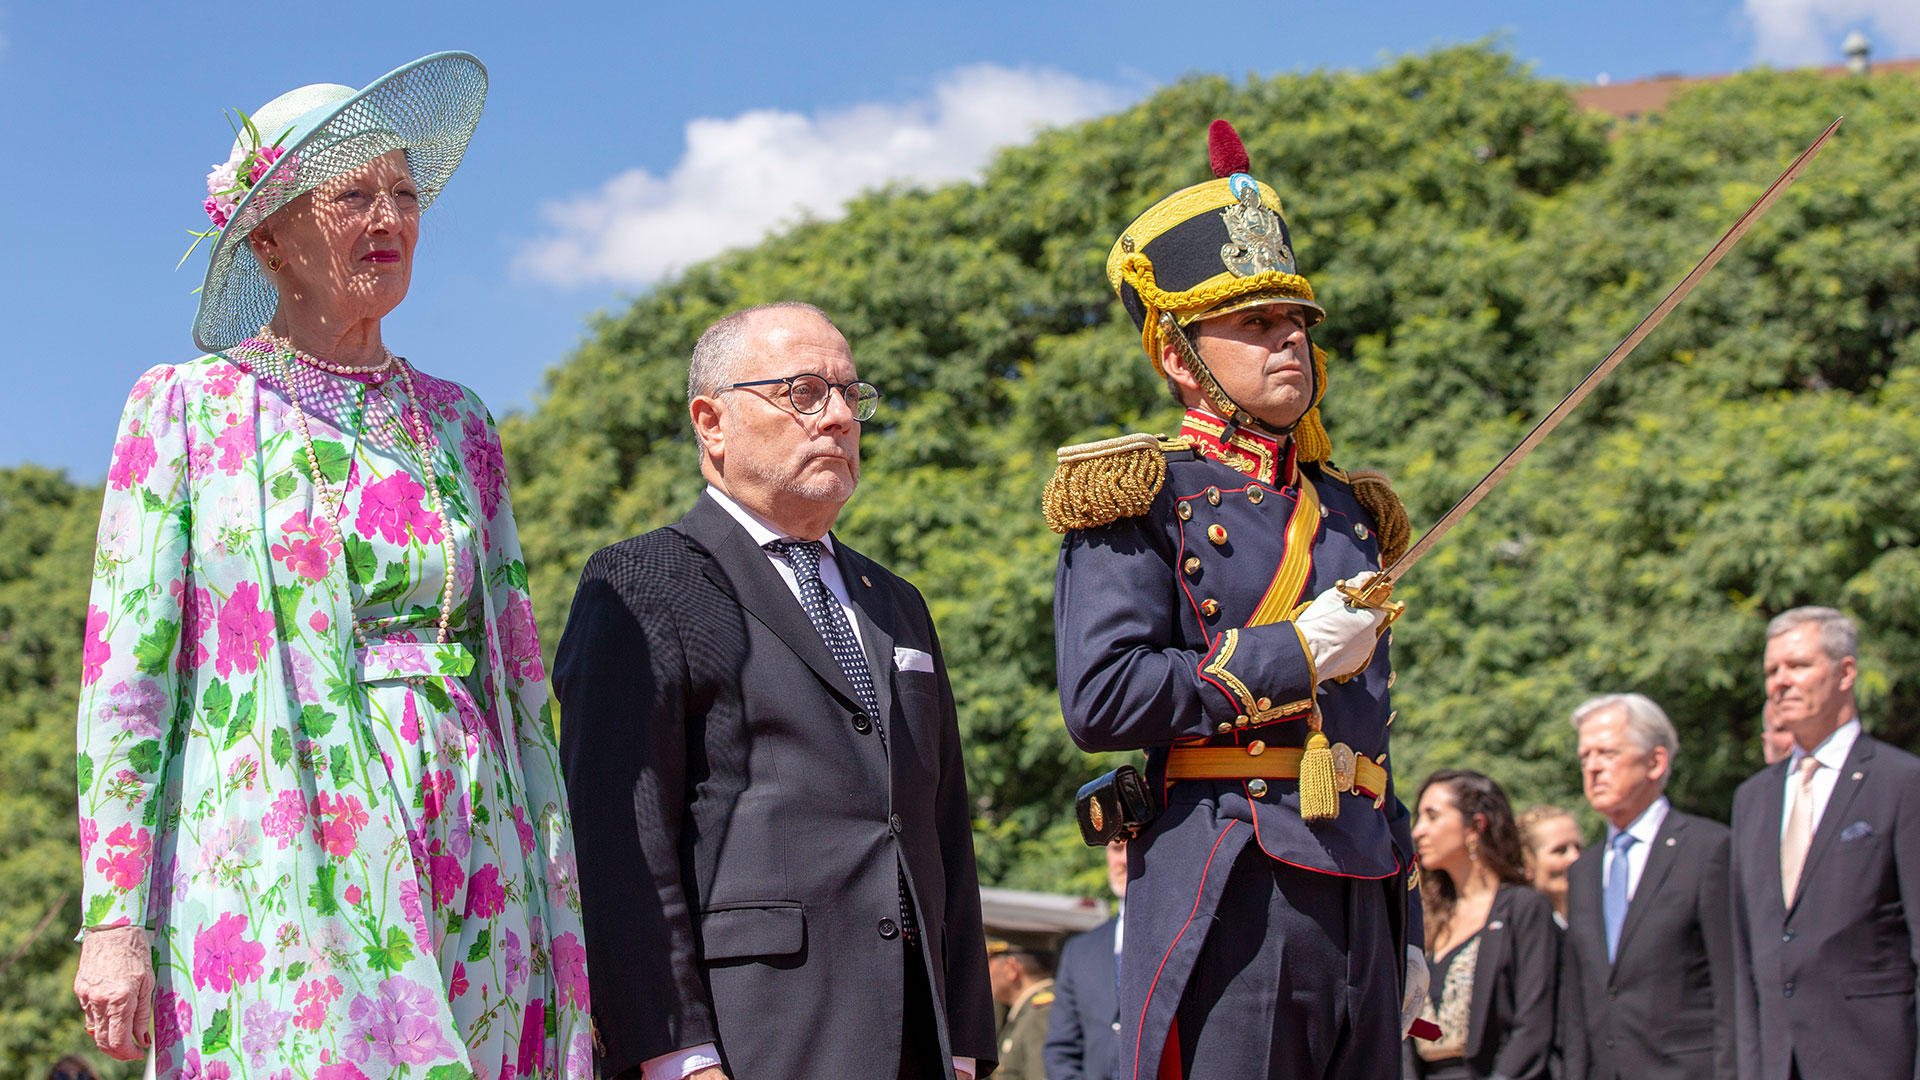 La reina danesa estuvo escoltada por una formación del Regimiento de Granaderos a Caballo